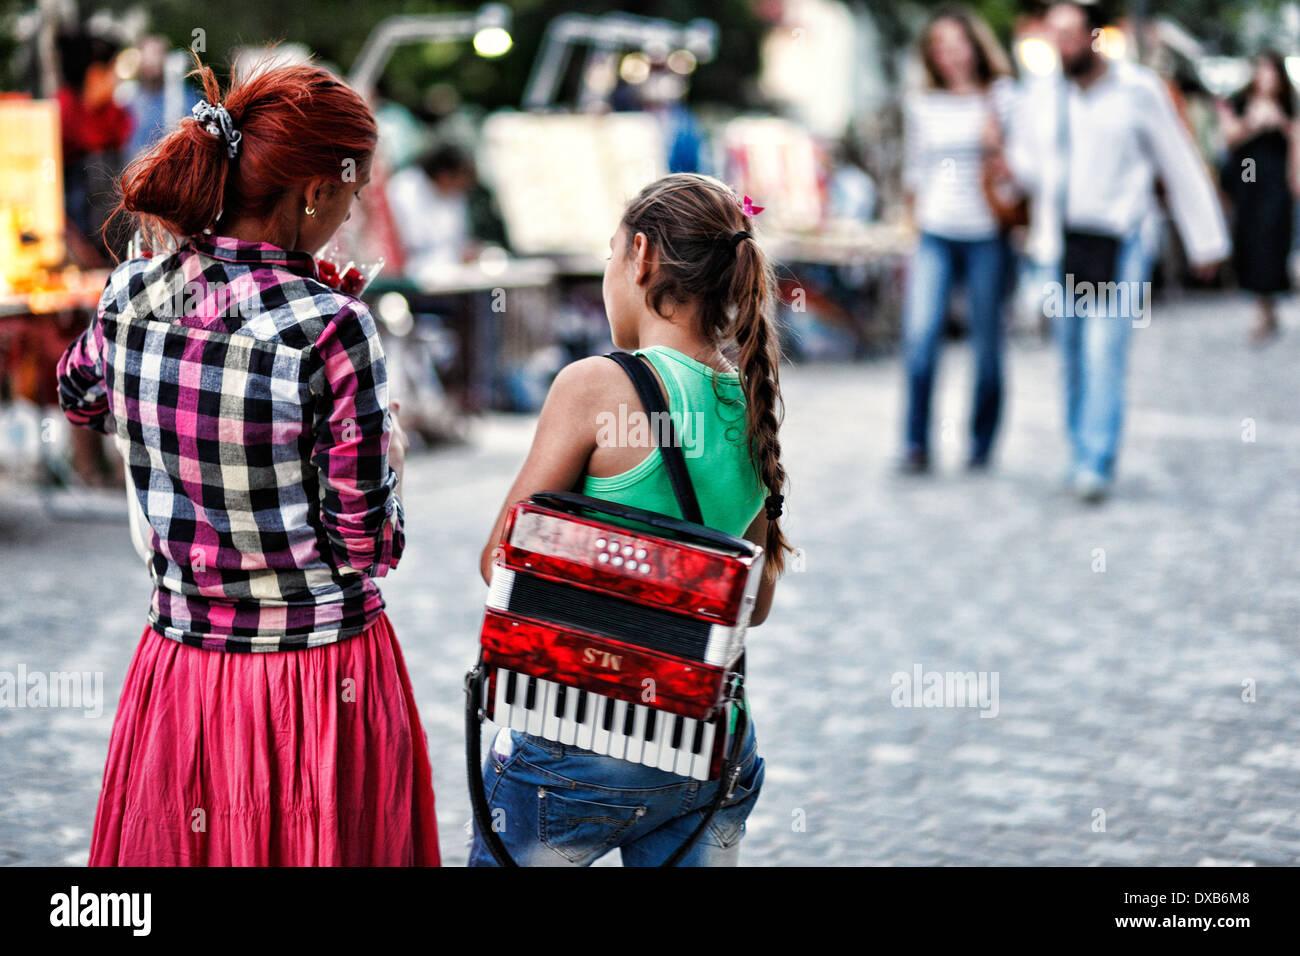 Mädchen mit Ziehharmonika in der Straße von Athen, Griechenland Stockbild